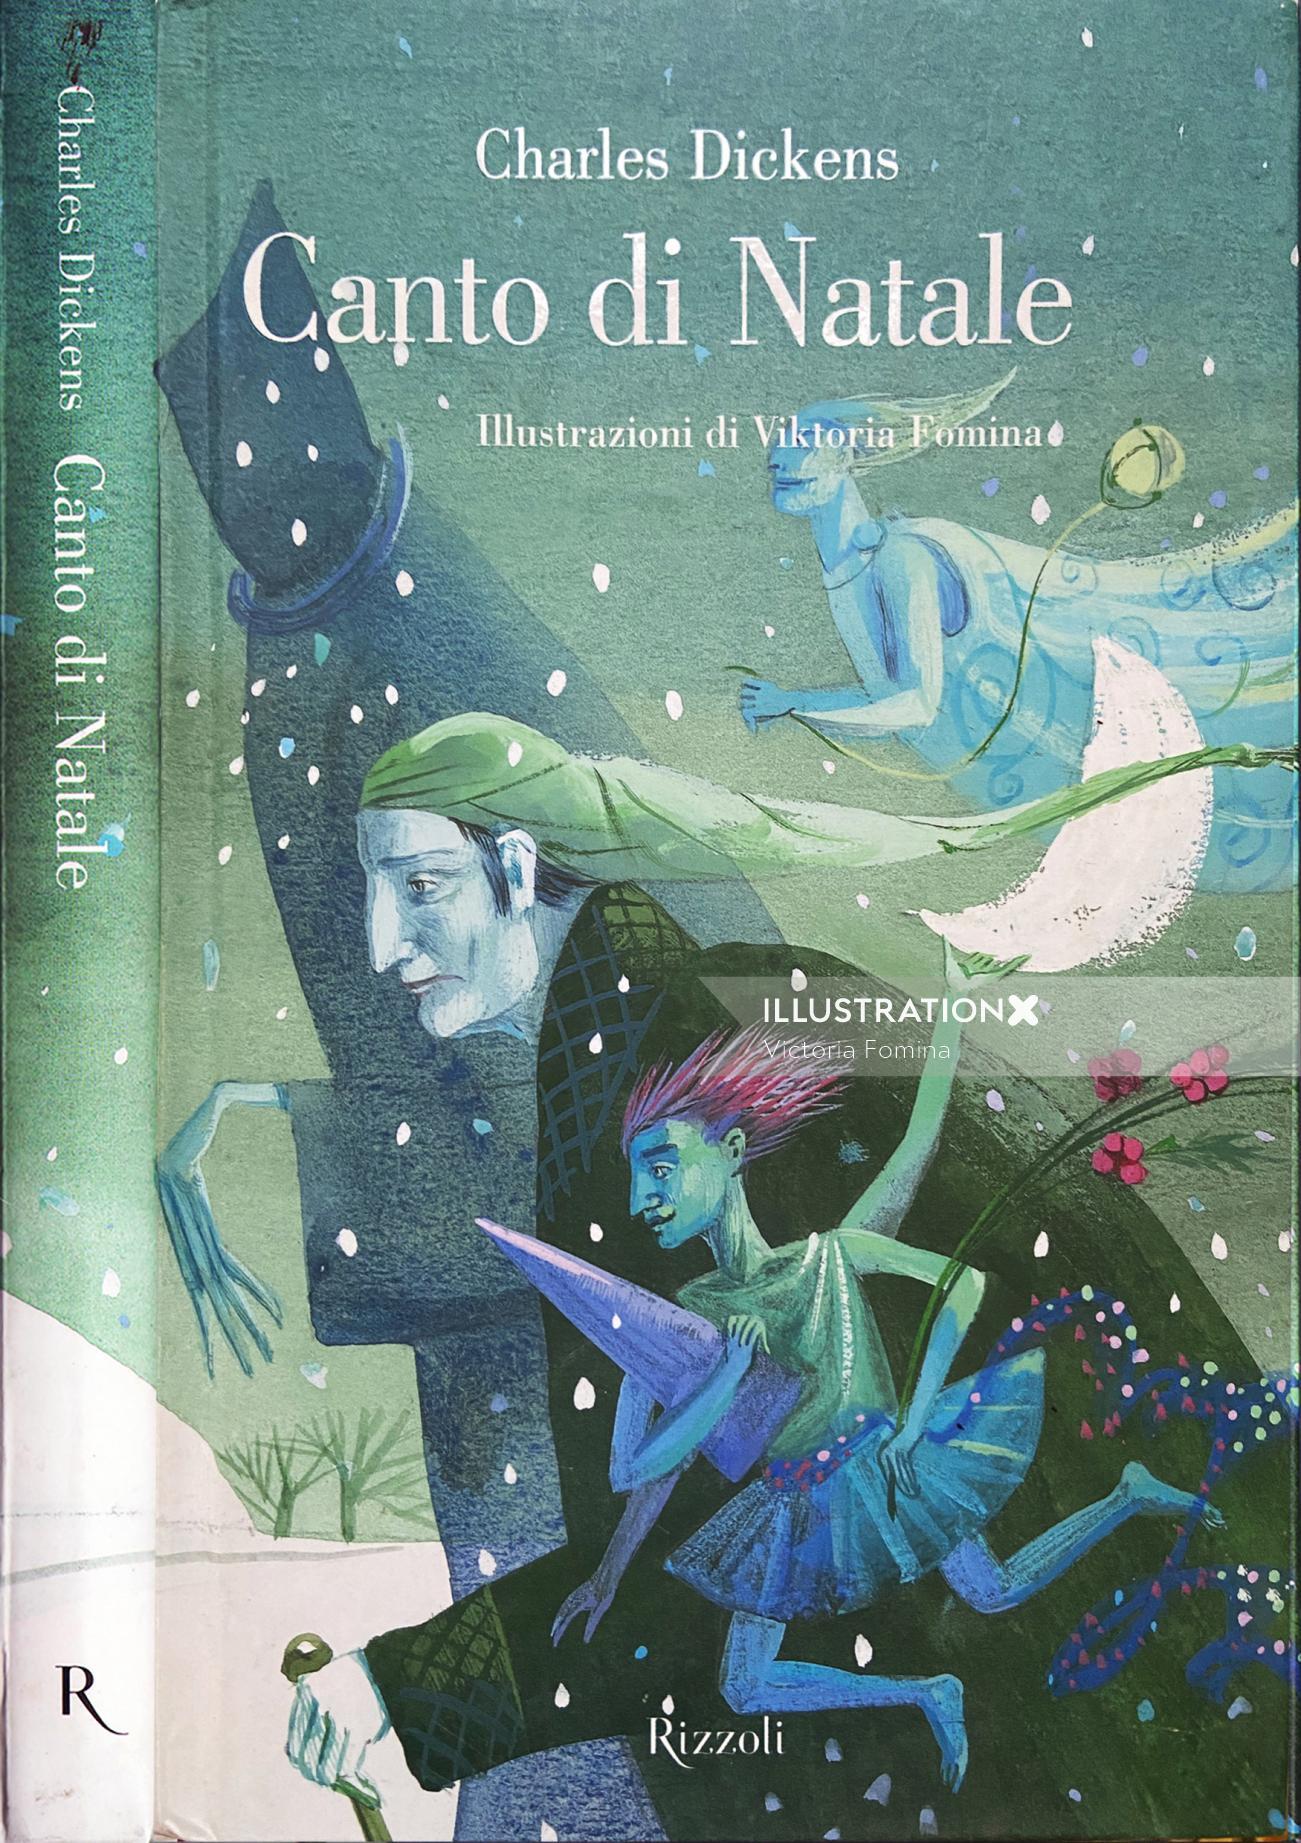 Canto di Natale book cover design